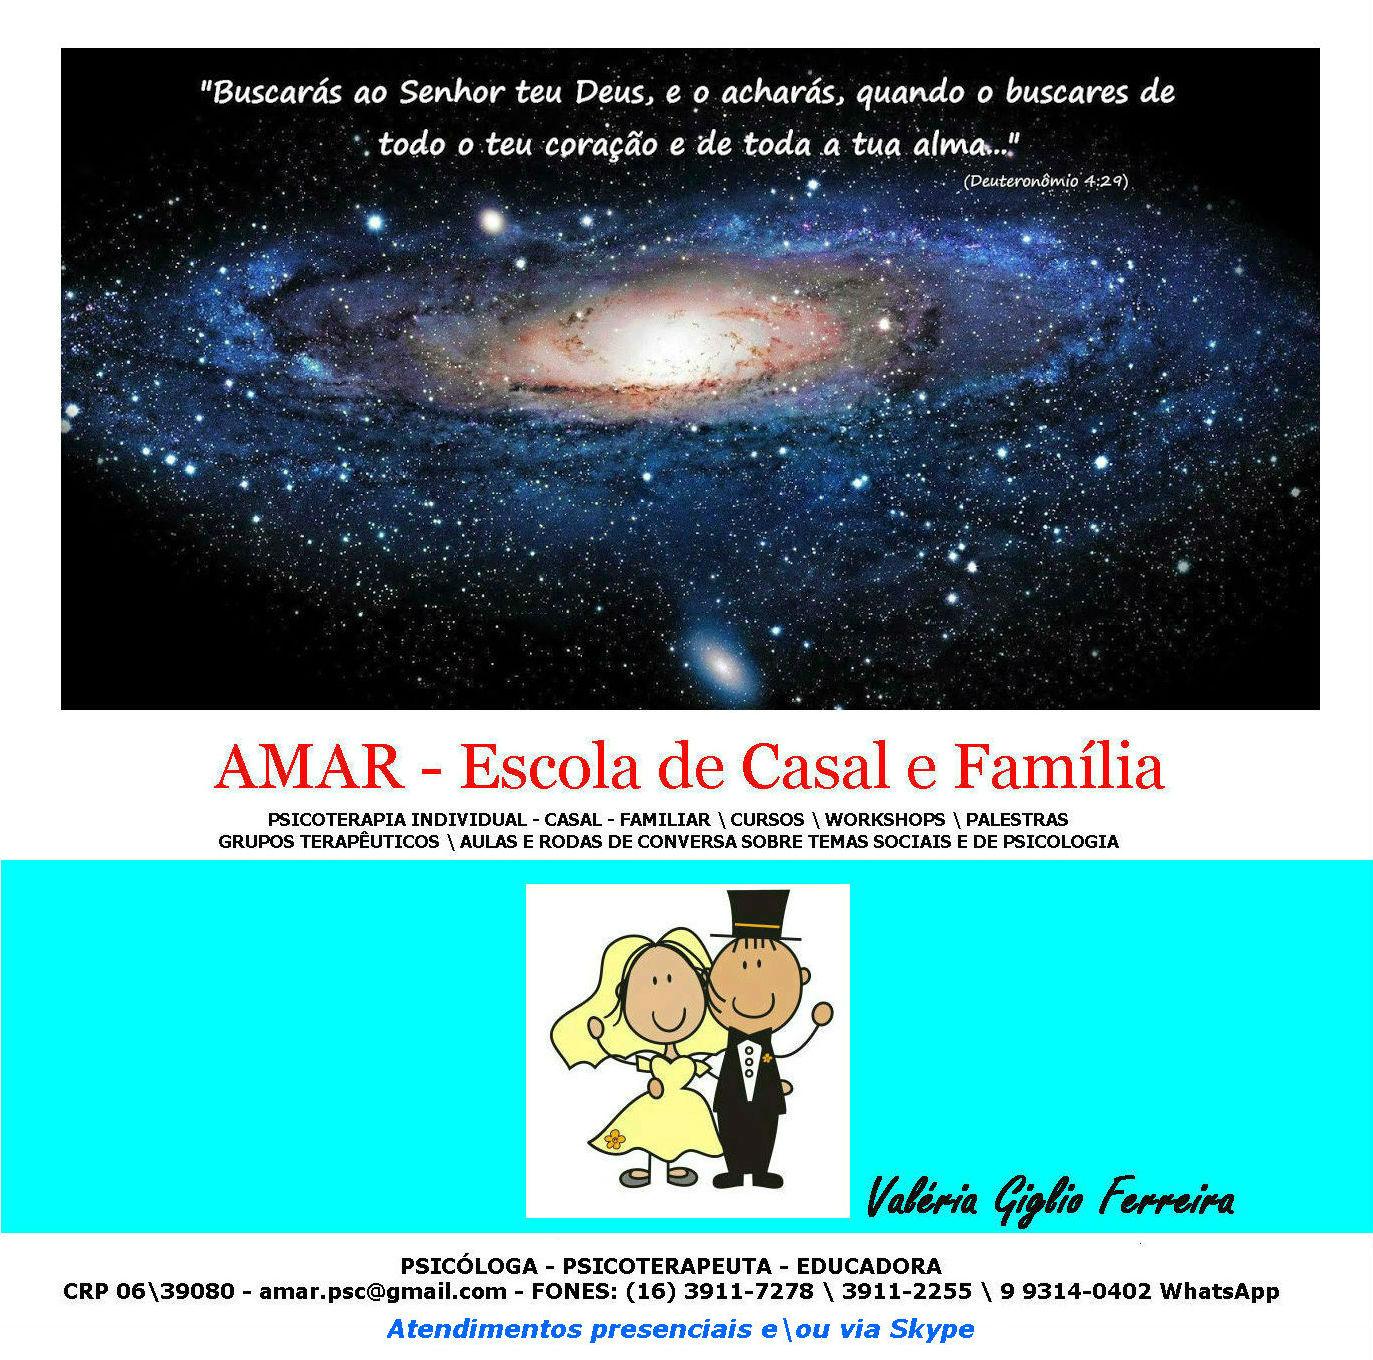 AMAR - Escola de Casal e Família